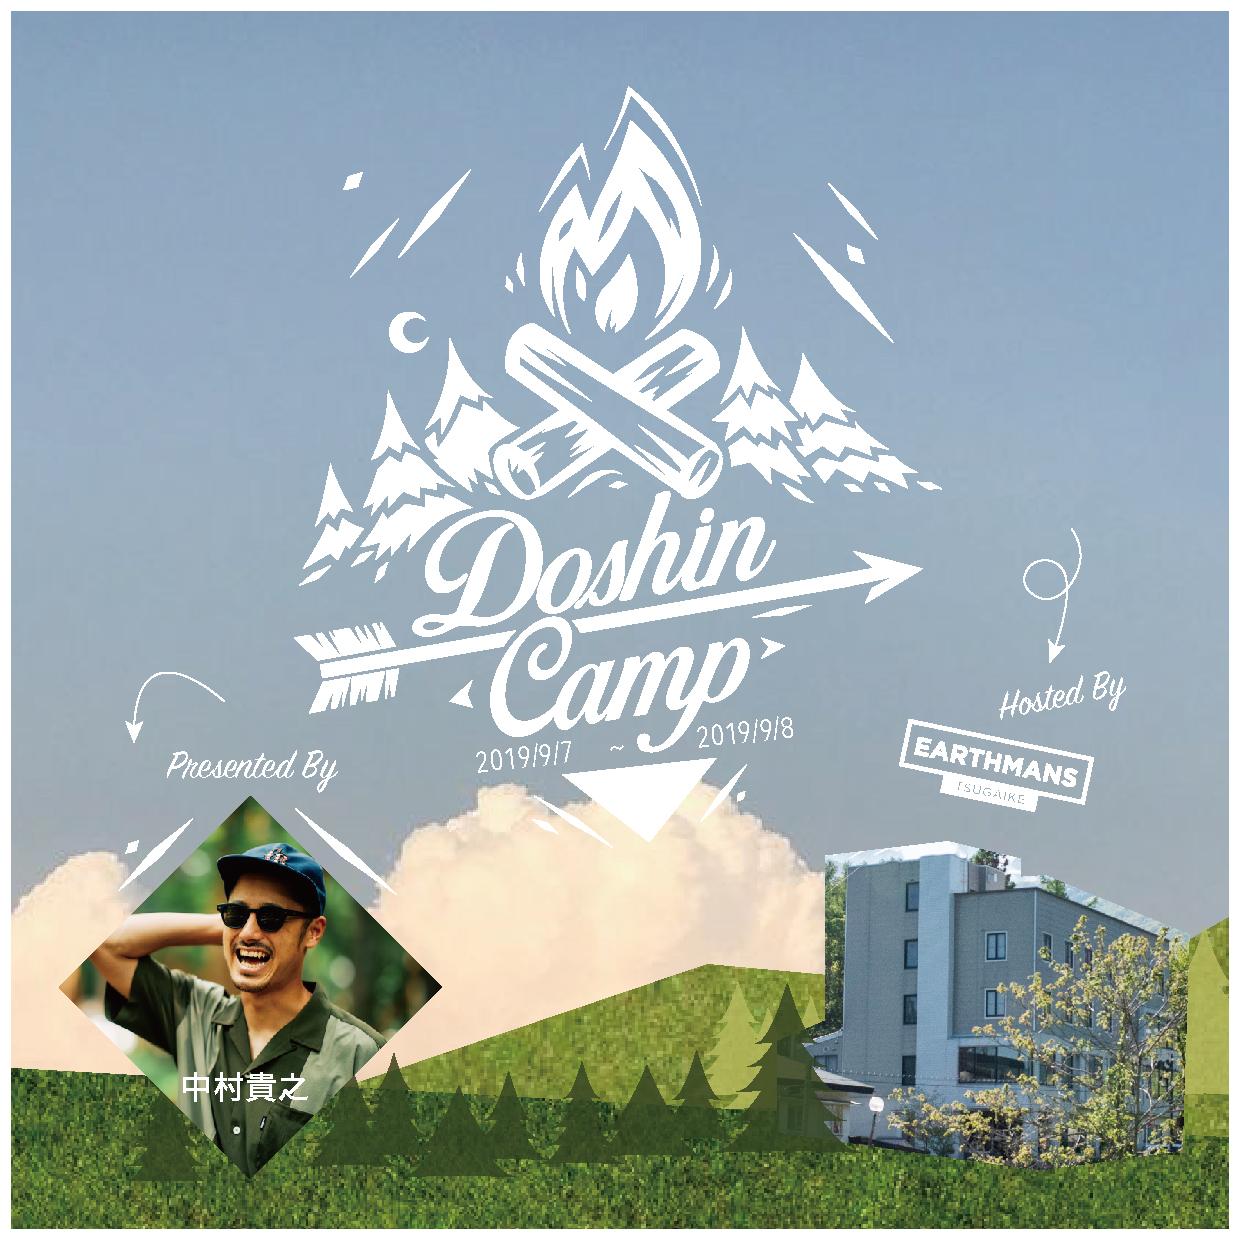 【Doshin Camp】Presented by Nakamura Takayuki - in EARTHMNANS TSUGAIKE